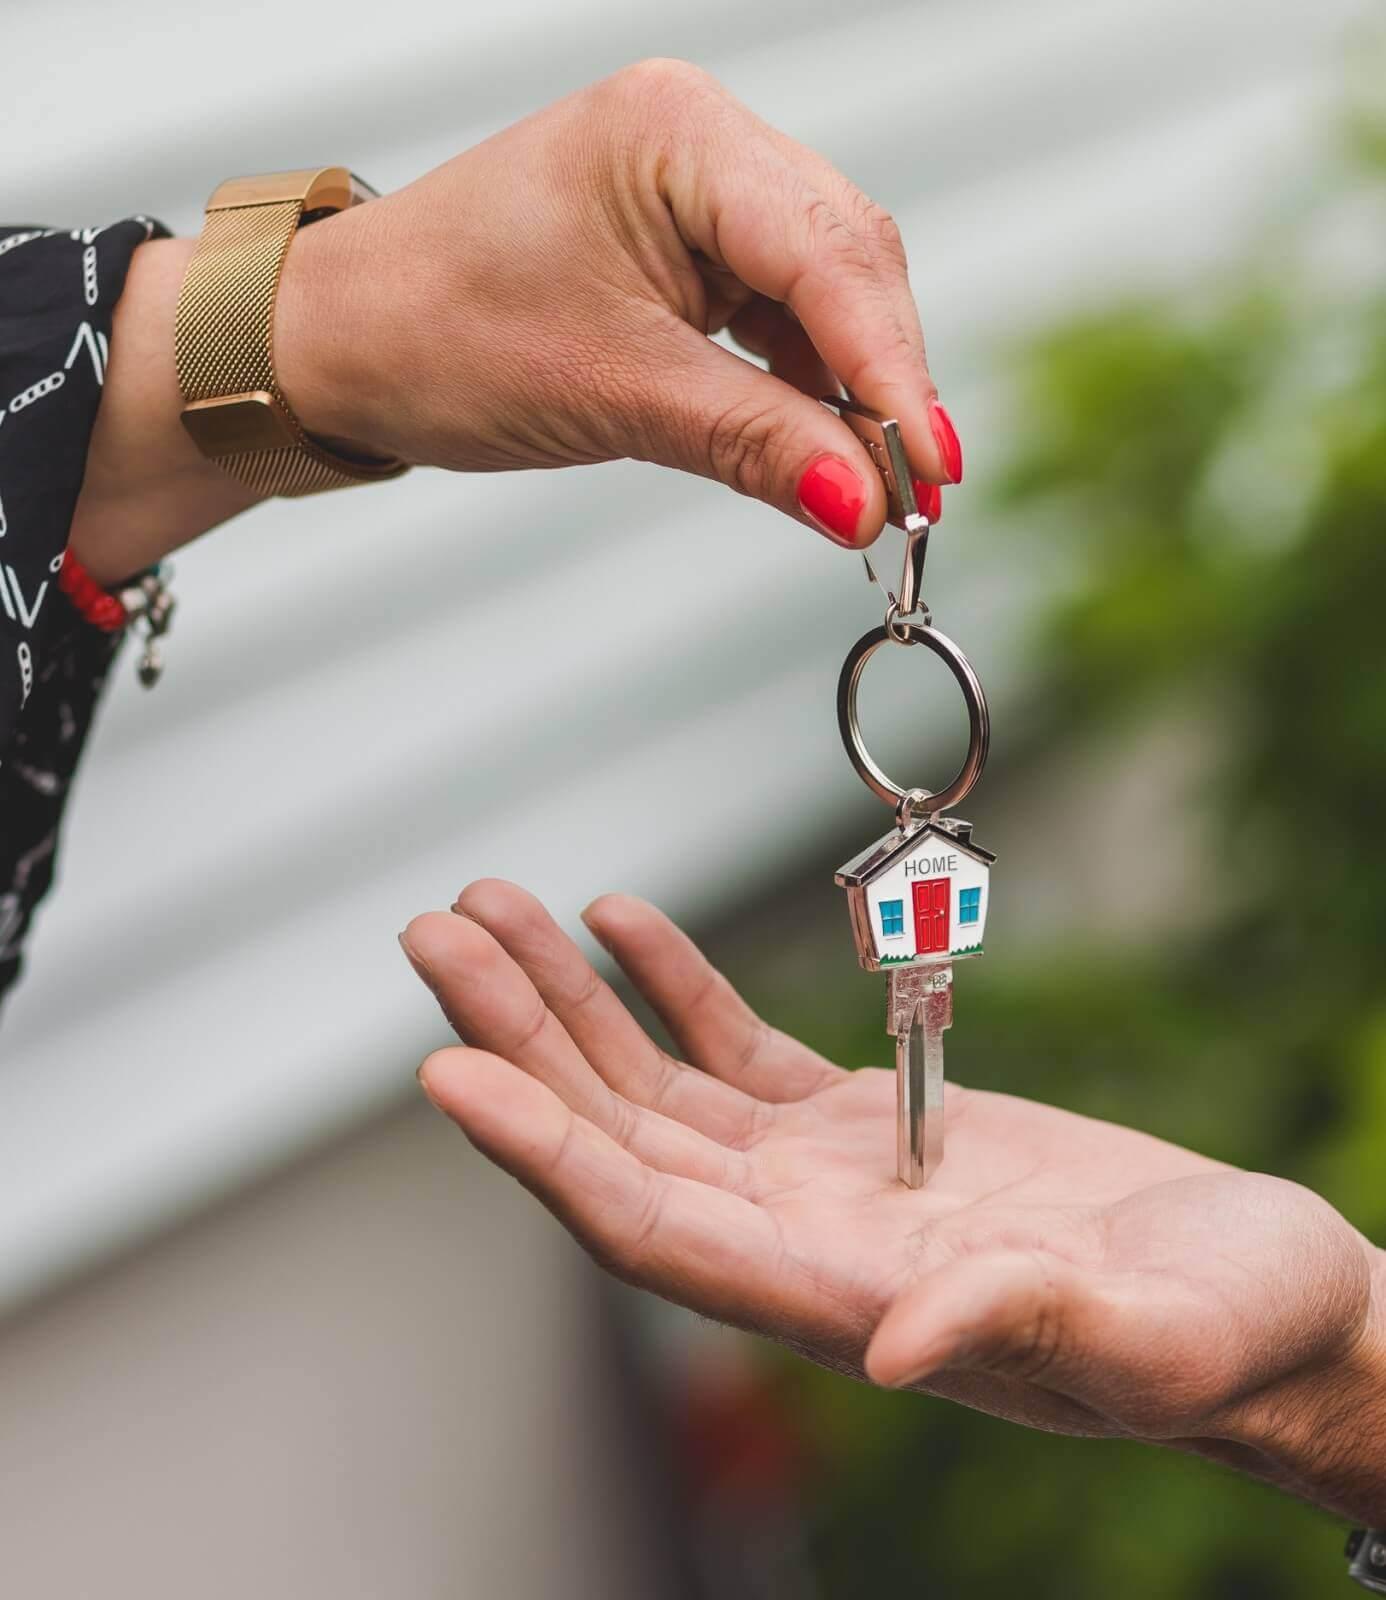 """Продажба и наем на недвижими имоти - Услуга от начало до край - Четвърта стъпка """"Предаване на ключовете от ръка на ръка"""""""